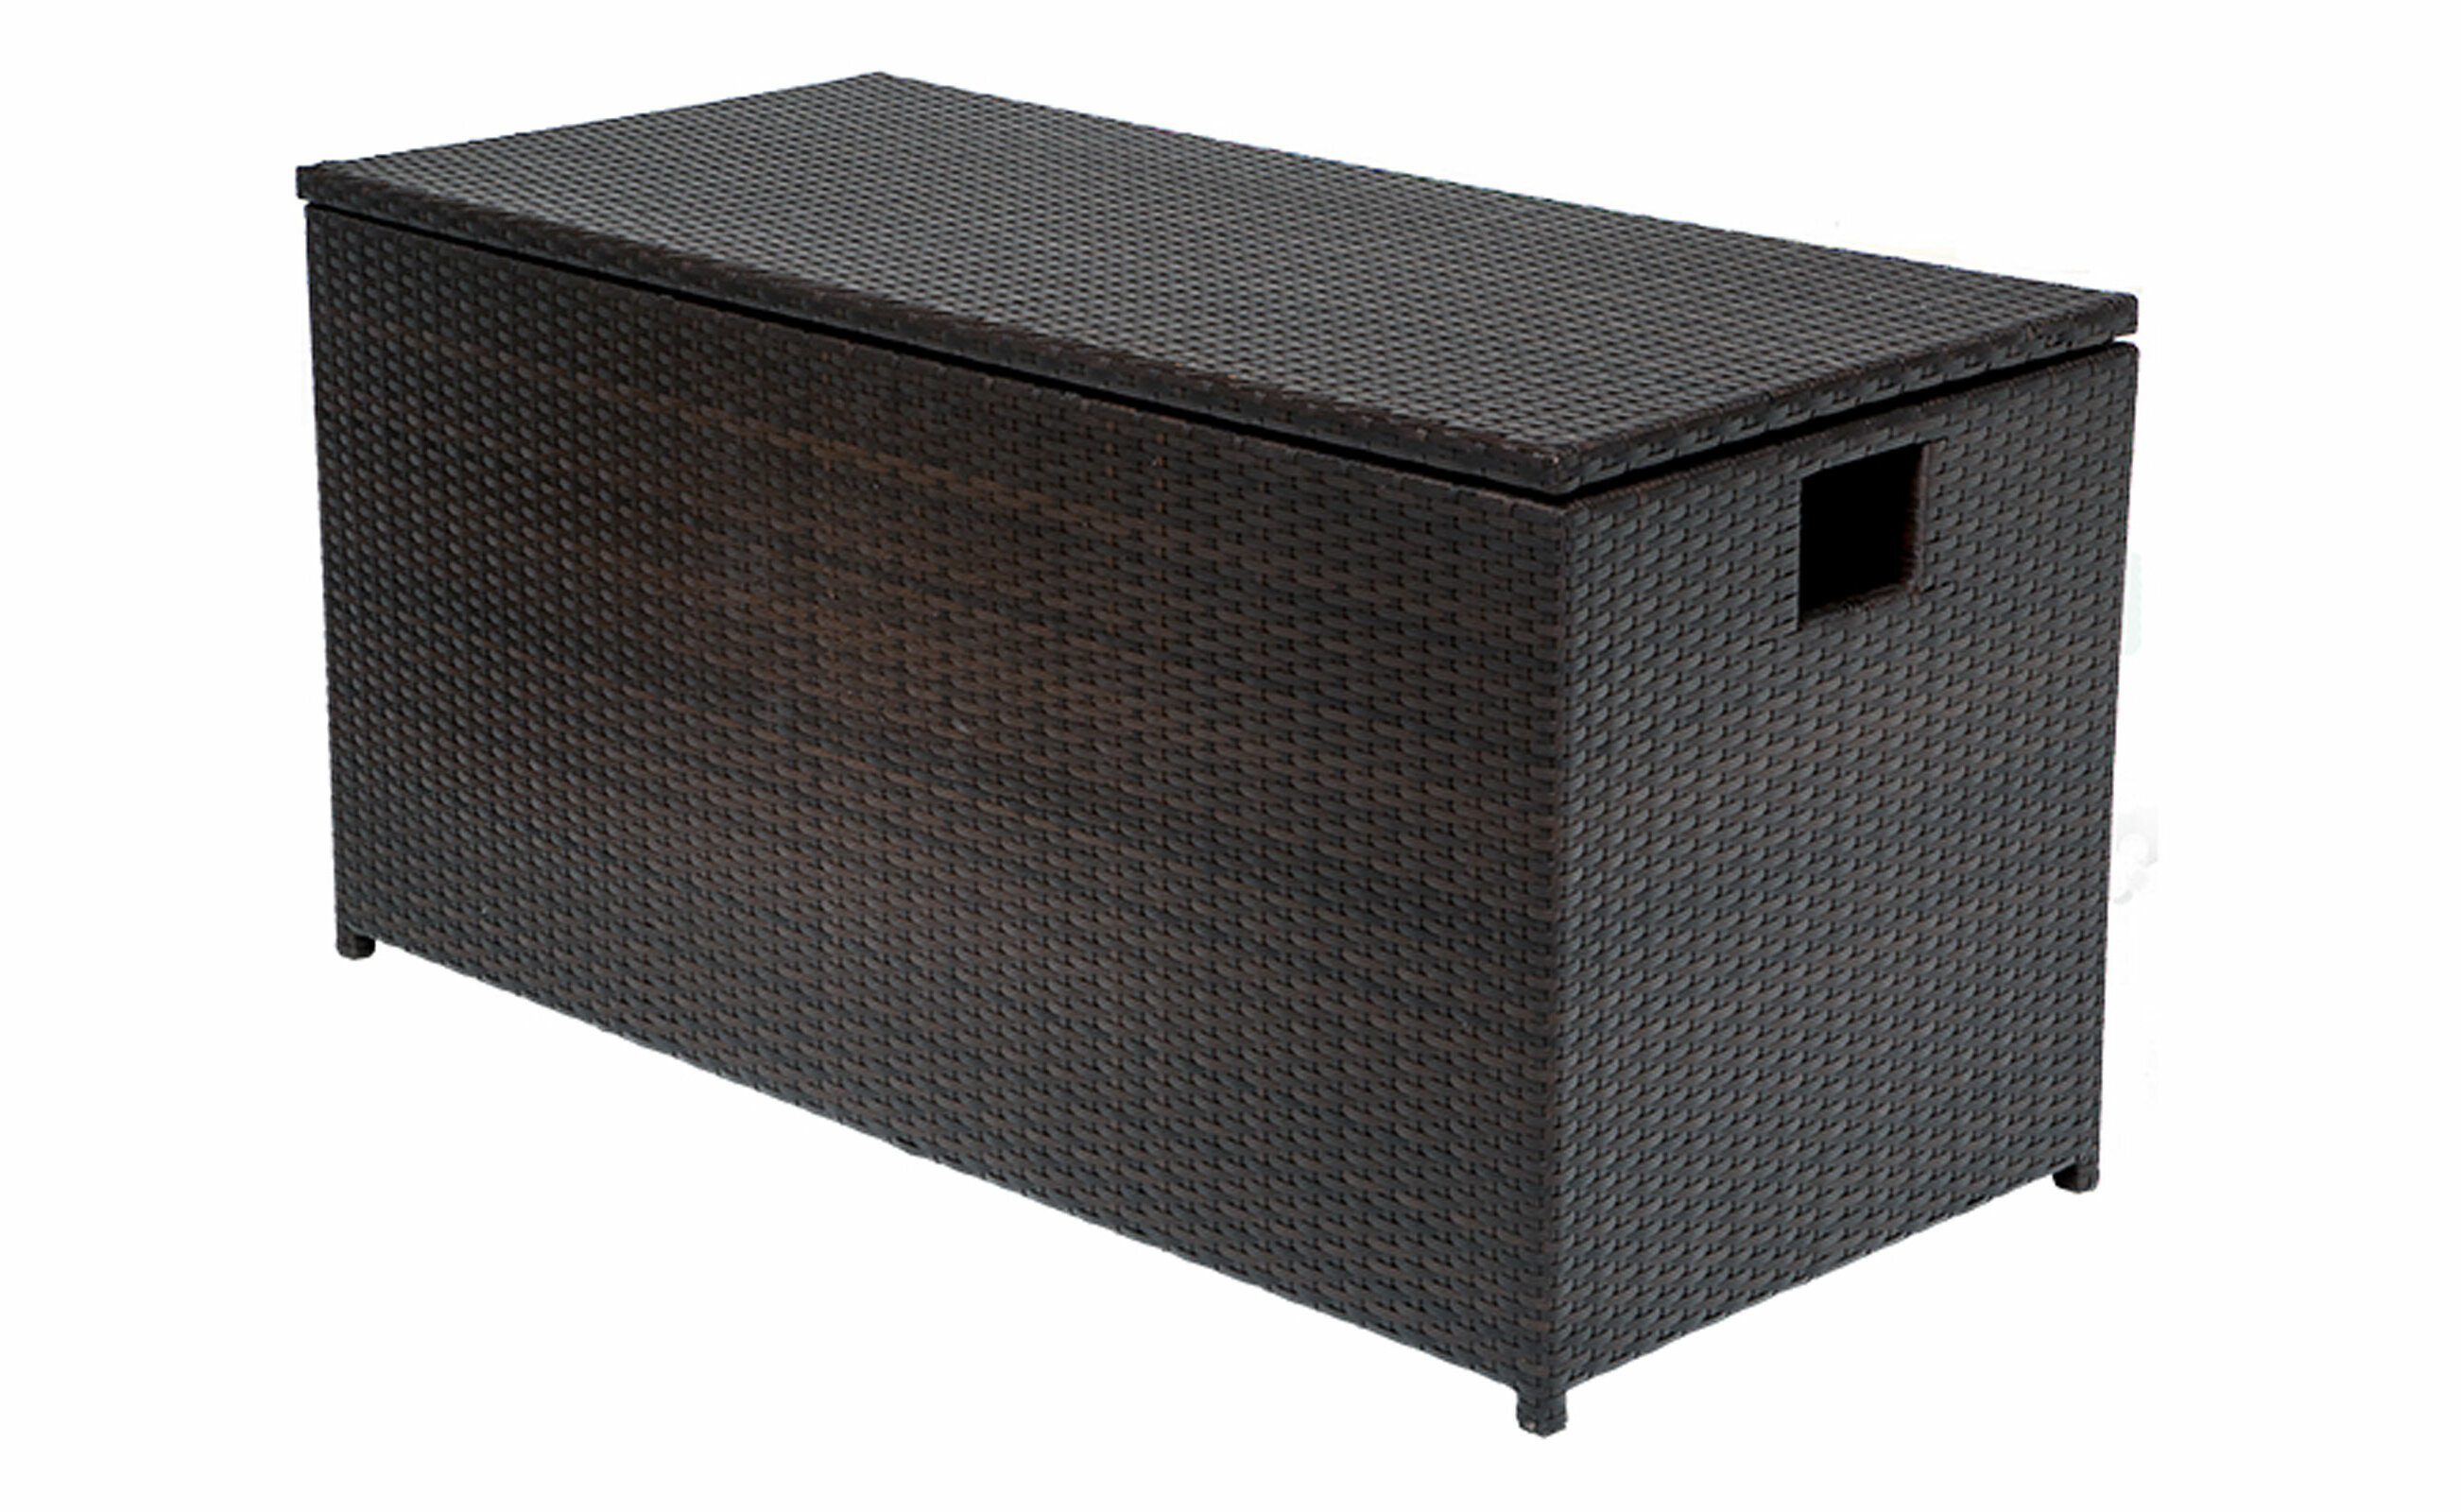 Sol 72 Outdoor Fernando 50 Gallon Resin Deck Box Wayfair